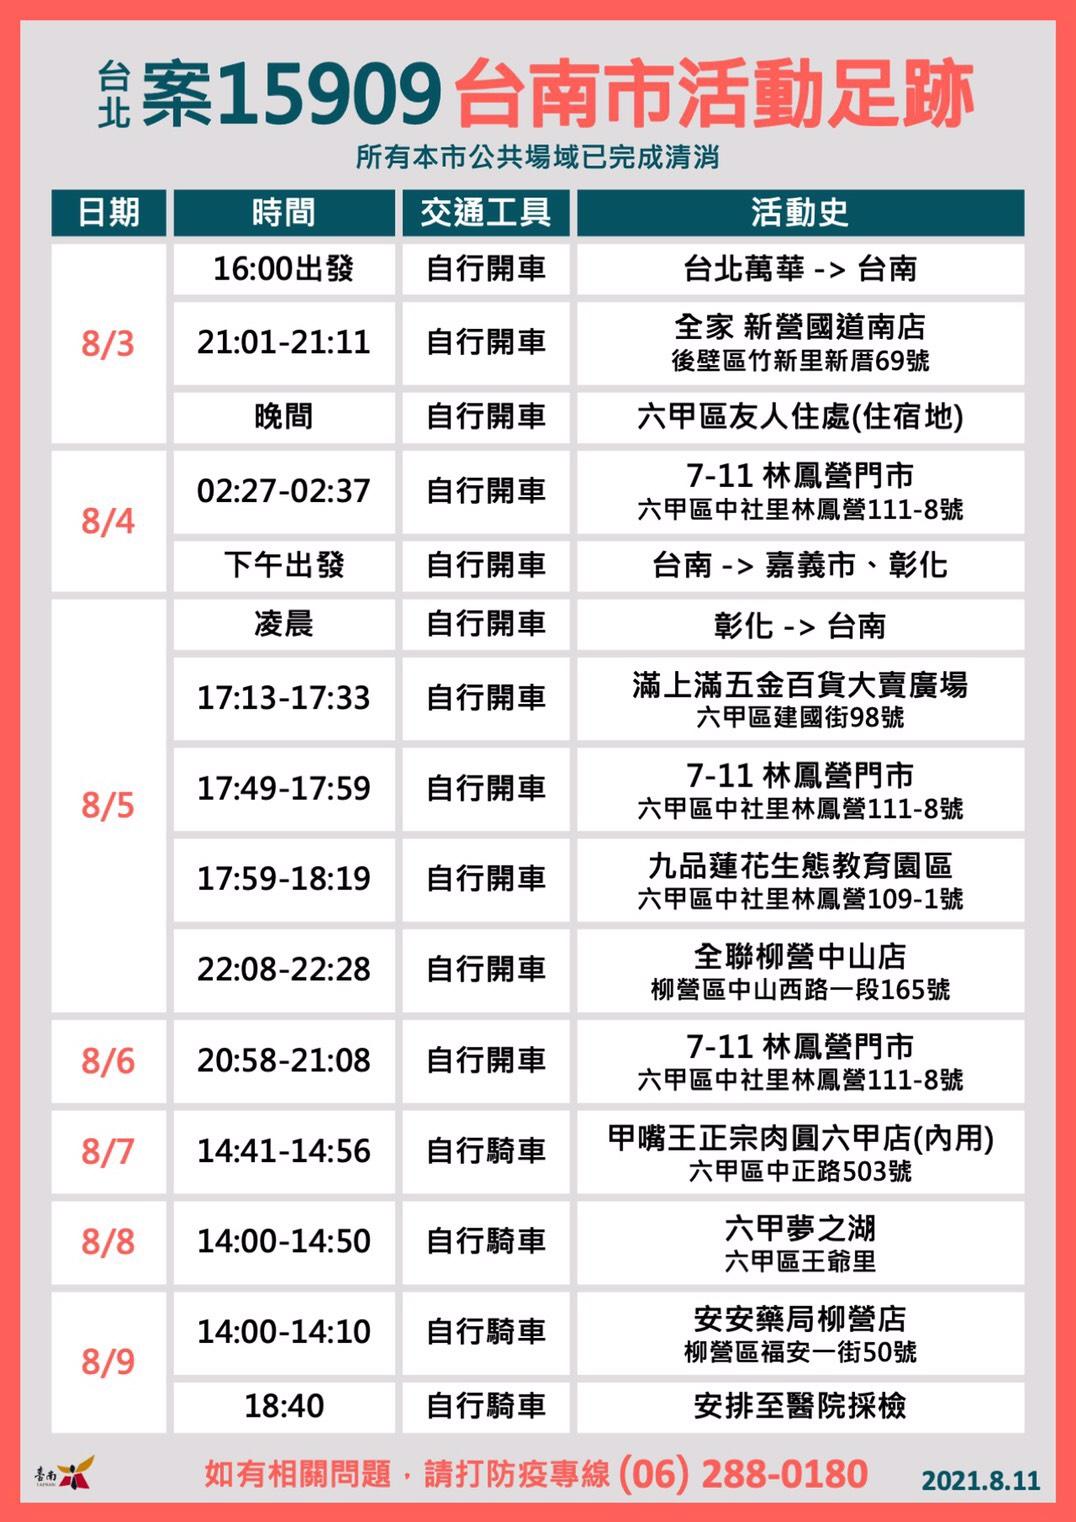 1100811案15909臺南市活動足跡